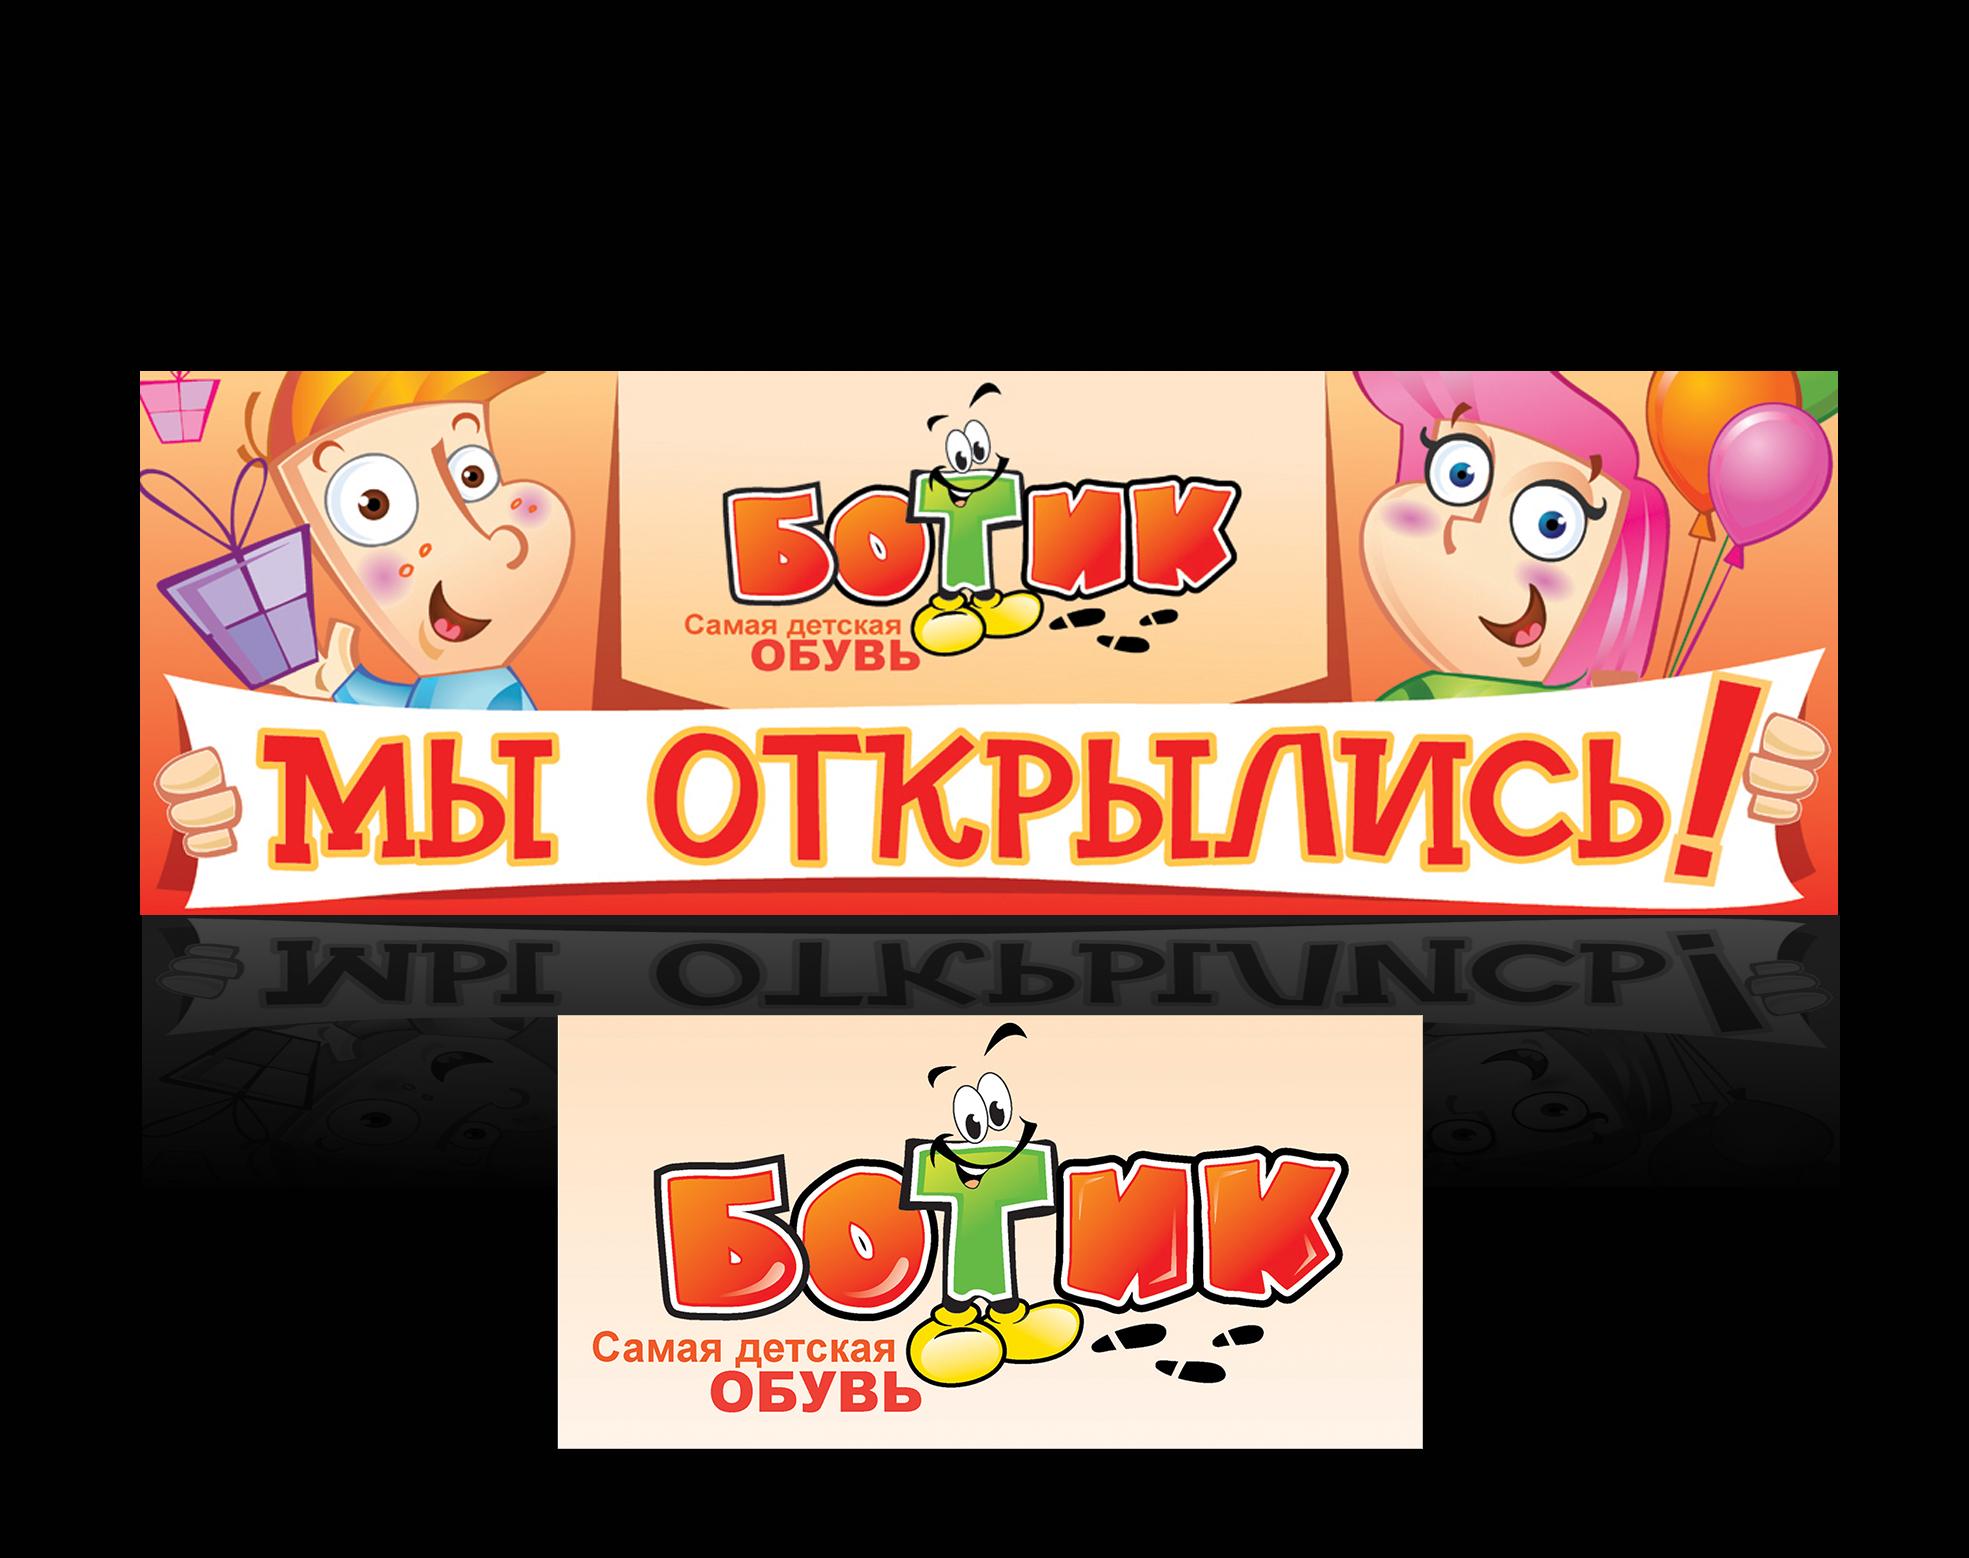 разработка лого для магазина ОБУВИ